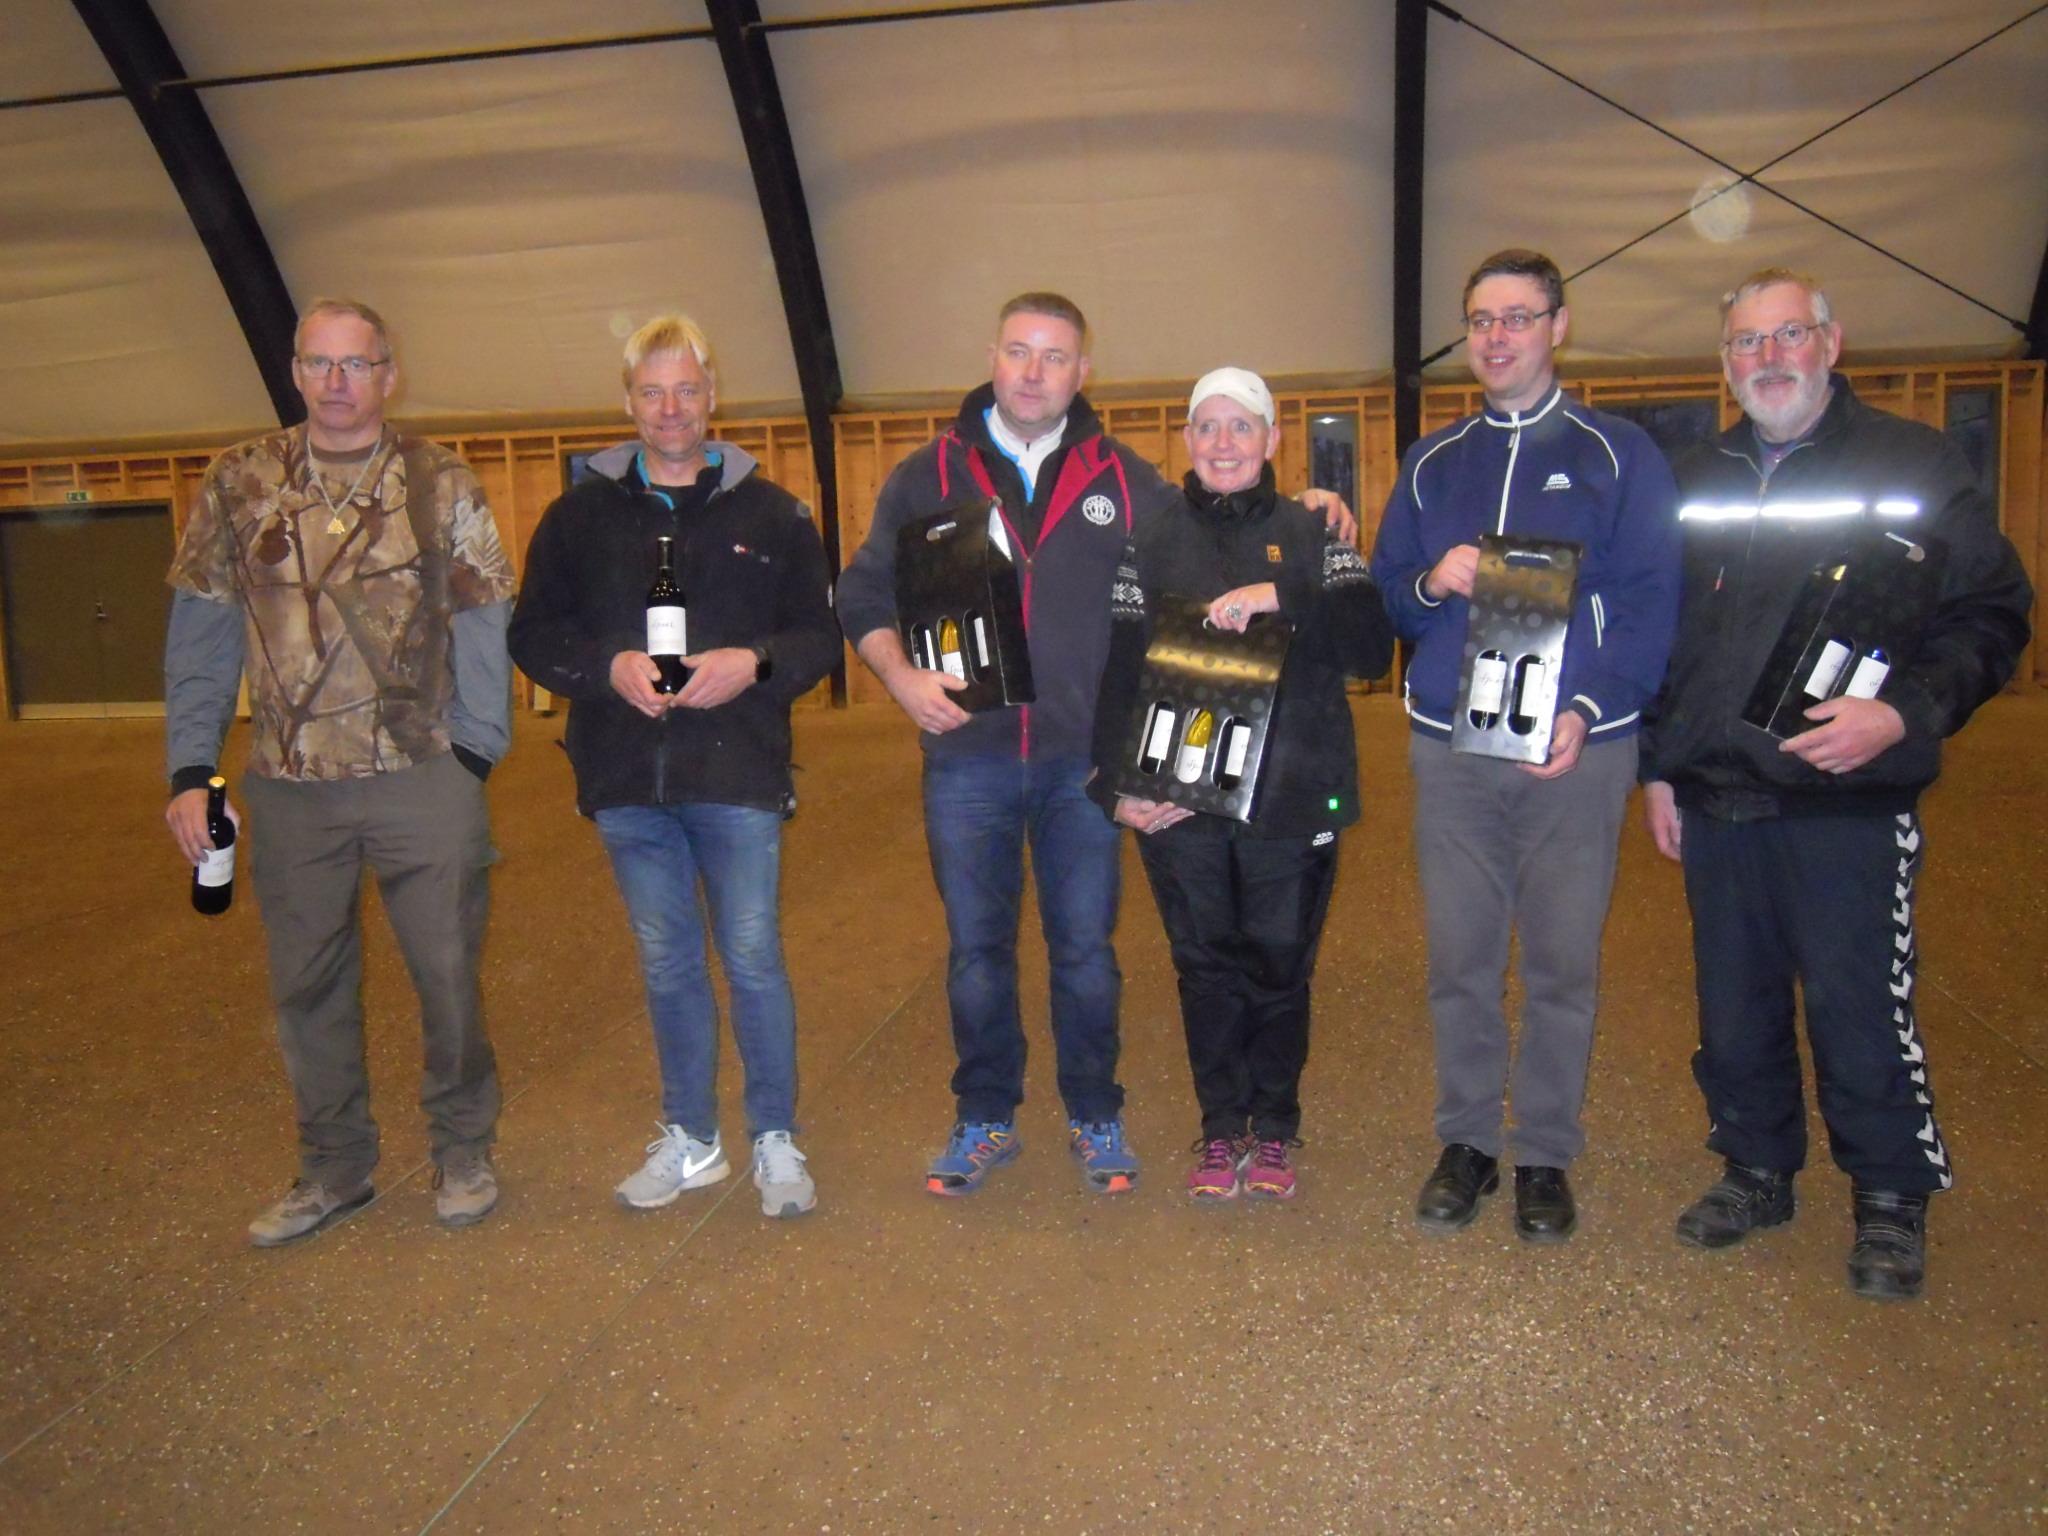 stævne november 2018 , 3. plads Benny og Benny, 1. plads Brian og Betina Brabrand, 2. plads Philip og Henrik Faldsled Svanninge